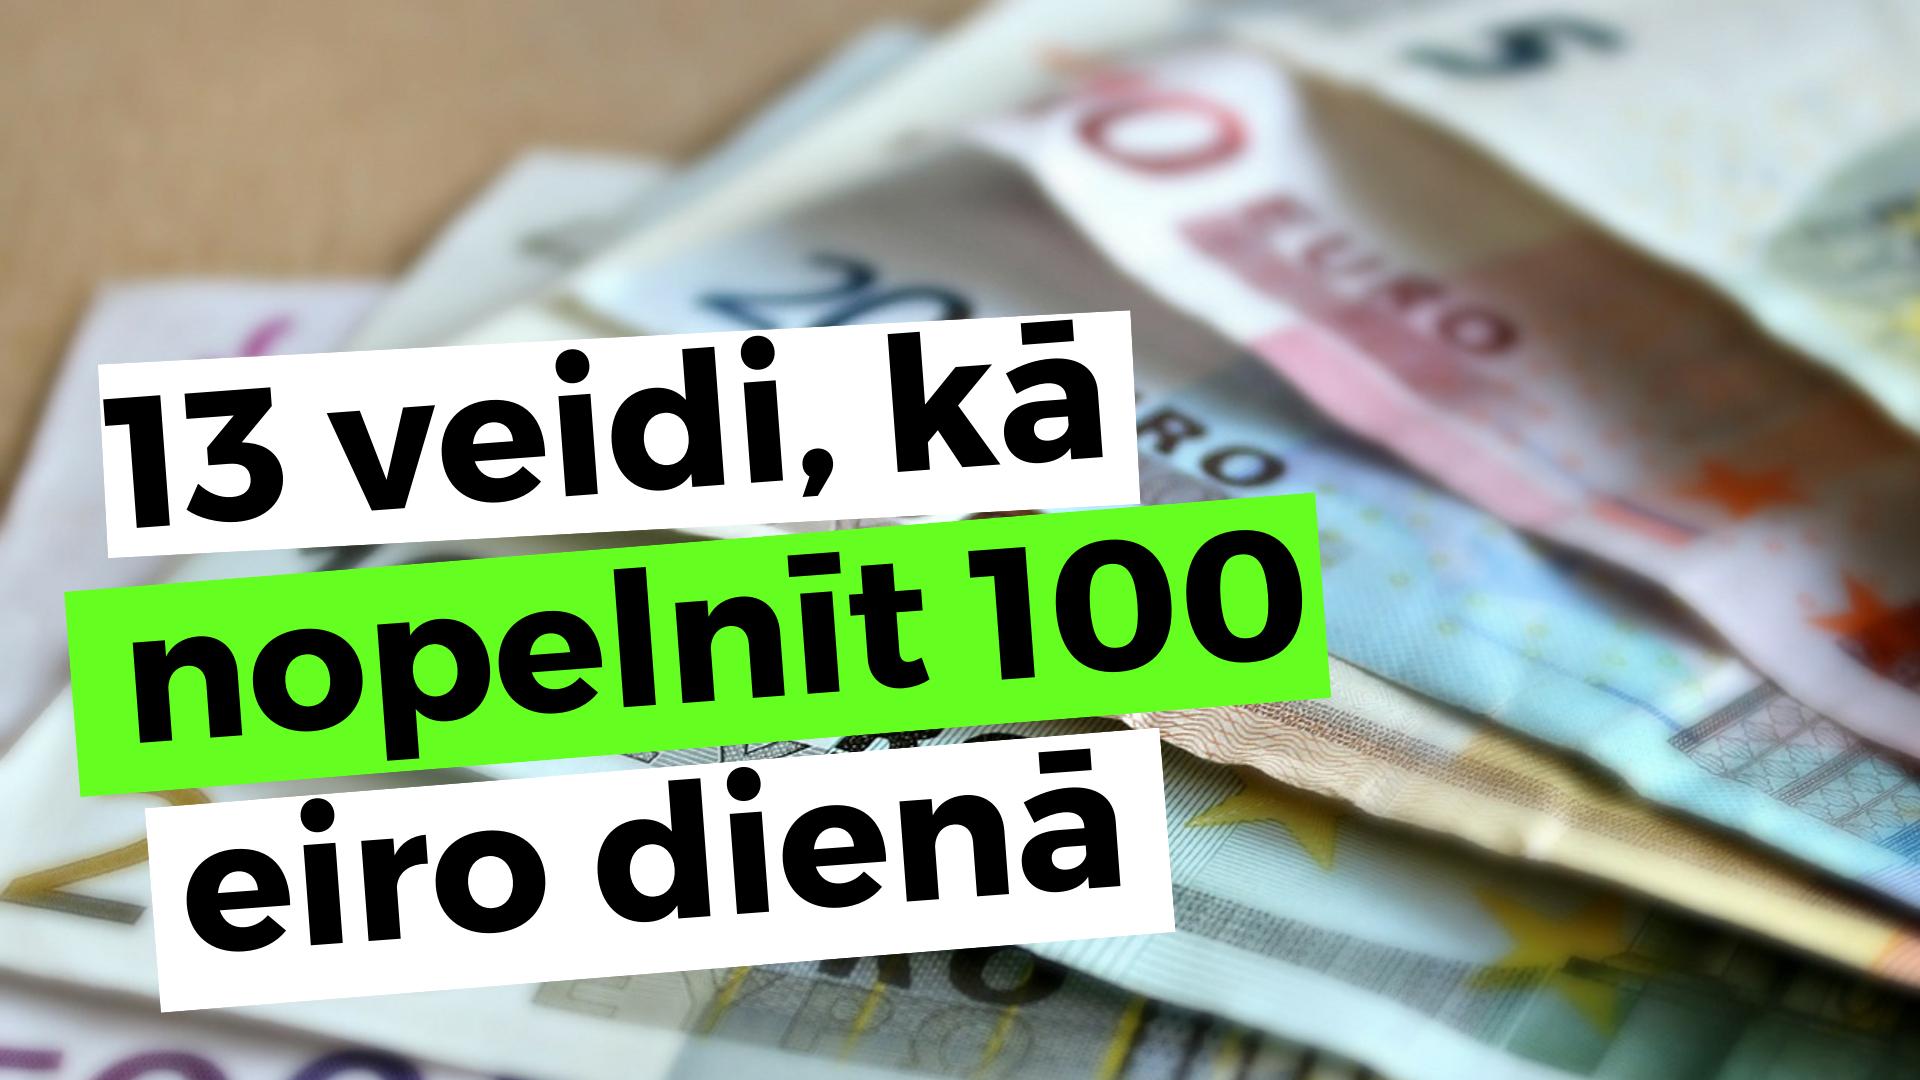 kā jūs varat nopelnīt naudu ar saviem kā nopelnīt naudu ātri 500 dienā